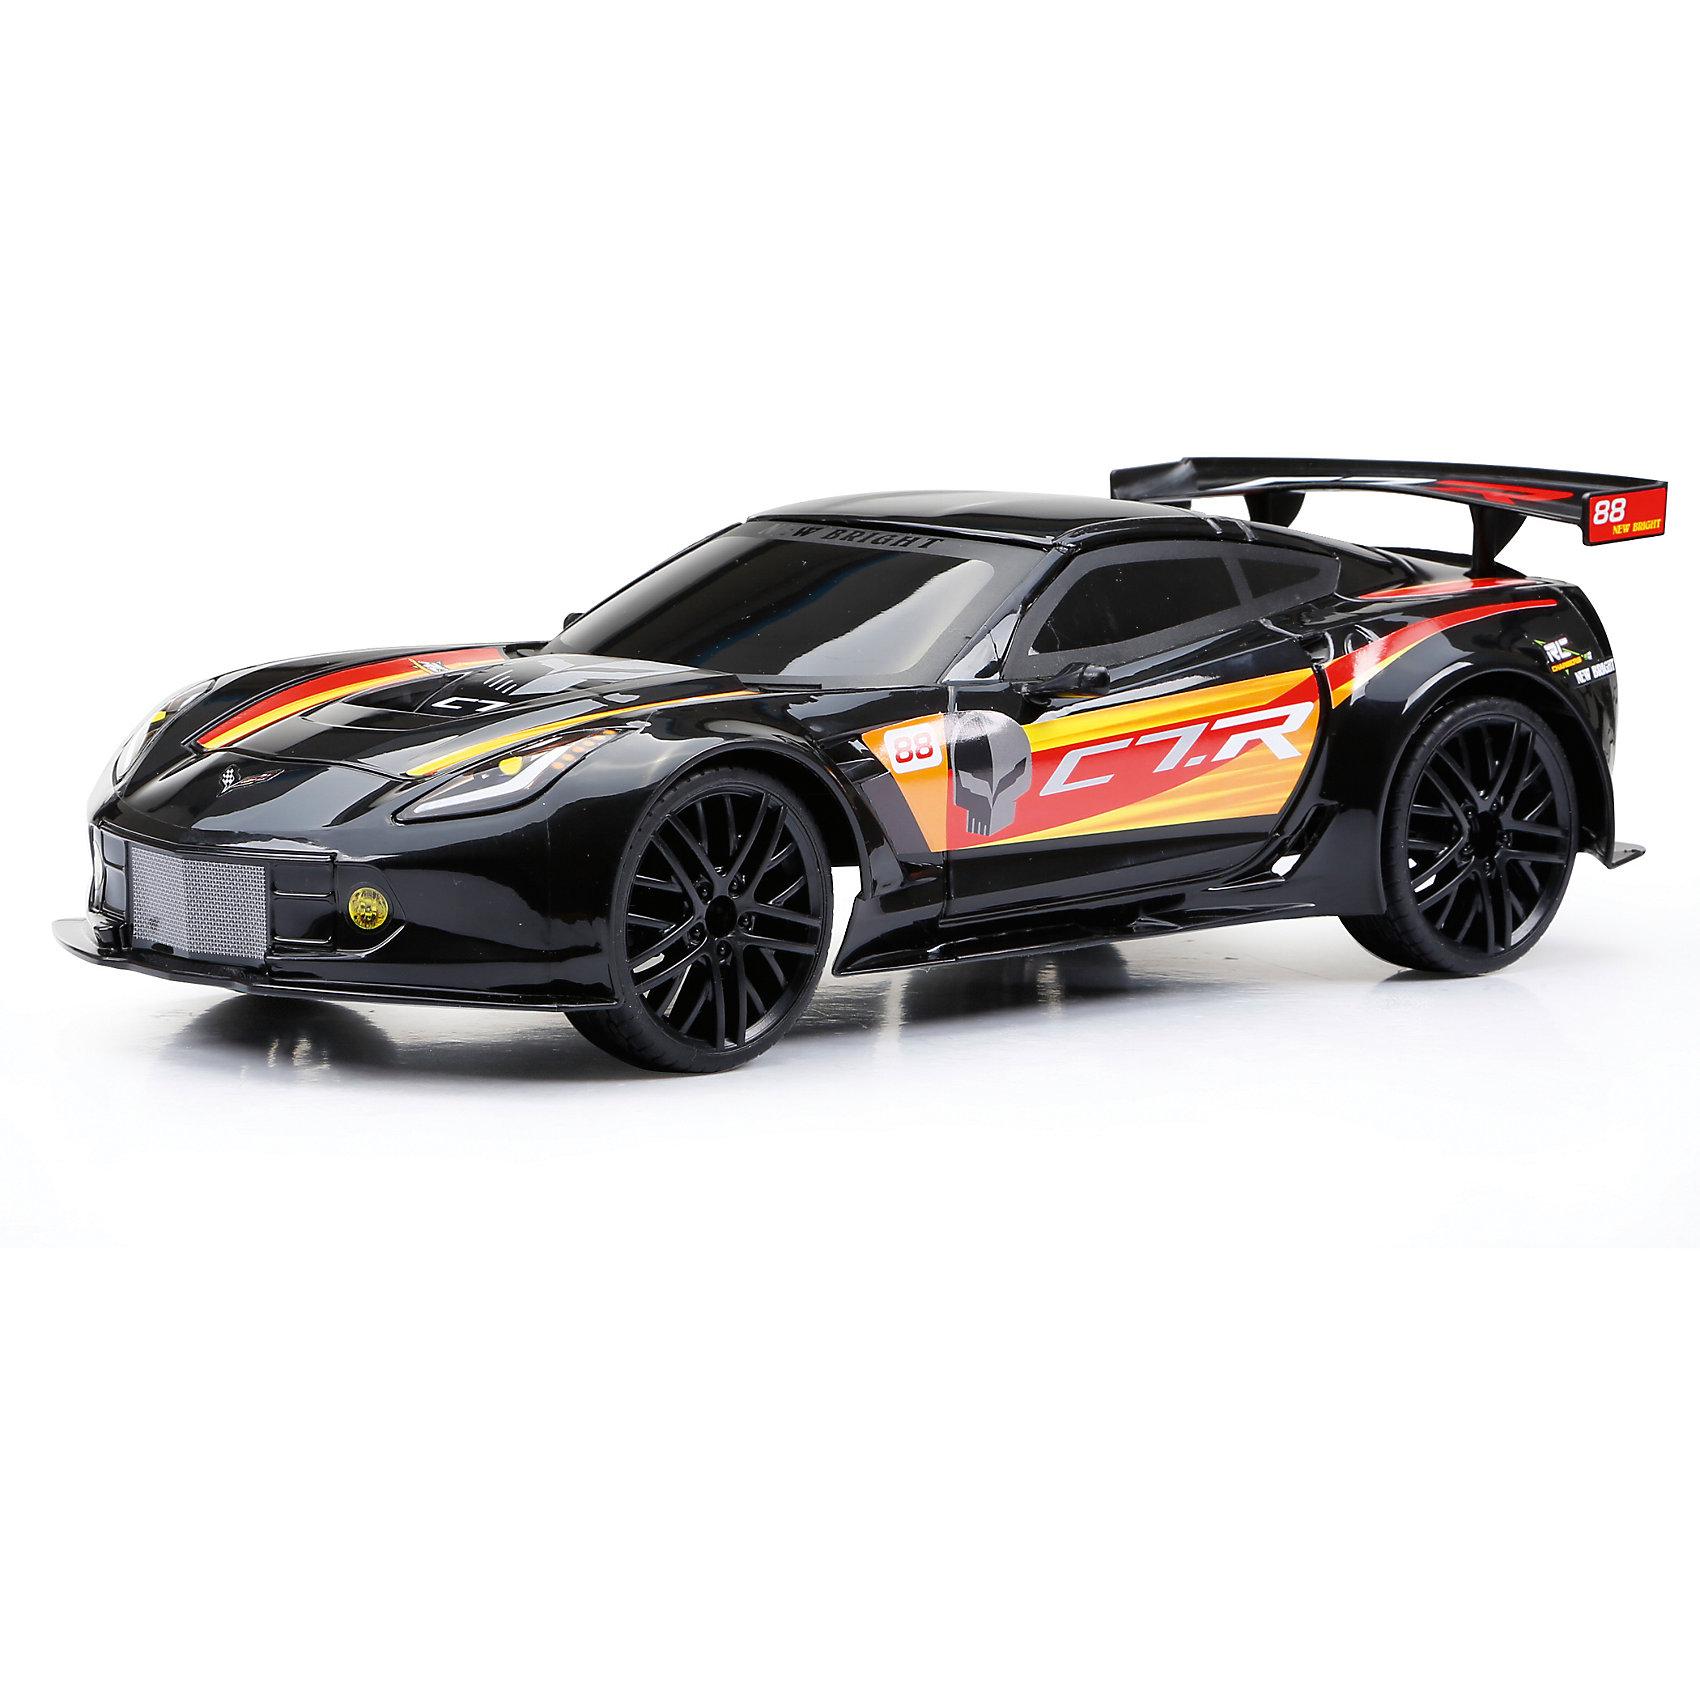 Машина на р/у Corvette C7R, чёрнаяРадиоуправляемый транспорт<br>Характеристики товара:<br><br>- цвет: черный;<br>- материал: пластик;<br>- габариты упаковки: 49х24х23 см;<br>- комплектация: машина, пульт радиуправления;<br>- масштаб: 1:12;<br>- cкорость: до 10 км/ч,;<br>- радиус дествия пульта: до 30 м;<br>- возраст: 3+.<br><br>Спортивные машинки – безусловные фавориты среди детских игрушек для мальчиков.Такая машинка марки Corvette на пульте – желанный подарок для всех ребят. Игрушка движется с помощью пульта радиоуправления. Работает от обычных пальчиковых батареек. Она очень похожа на настоящую машину и прекрасно детализирована! Материалы, использованные при создании изготовлении изделия, полностью безопасны и отвечают всем международным требованиям по качеству детских товаров.<br><br>Игрушку Машина на р/у Corvette C7R, чёрная можно купить в нашем интернет-магазине.<br><br>Ширина мм: 490<br>Глубина мм: 240<br>Высота мм: 230<br>Вес г: 2000<br>Возраст от месяцев: 72<br>Возраст до месяцев: 2147483647<br>Пол: Мужской<br>Возраст: Детский<br>SKU: 5141880